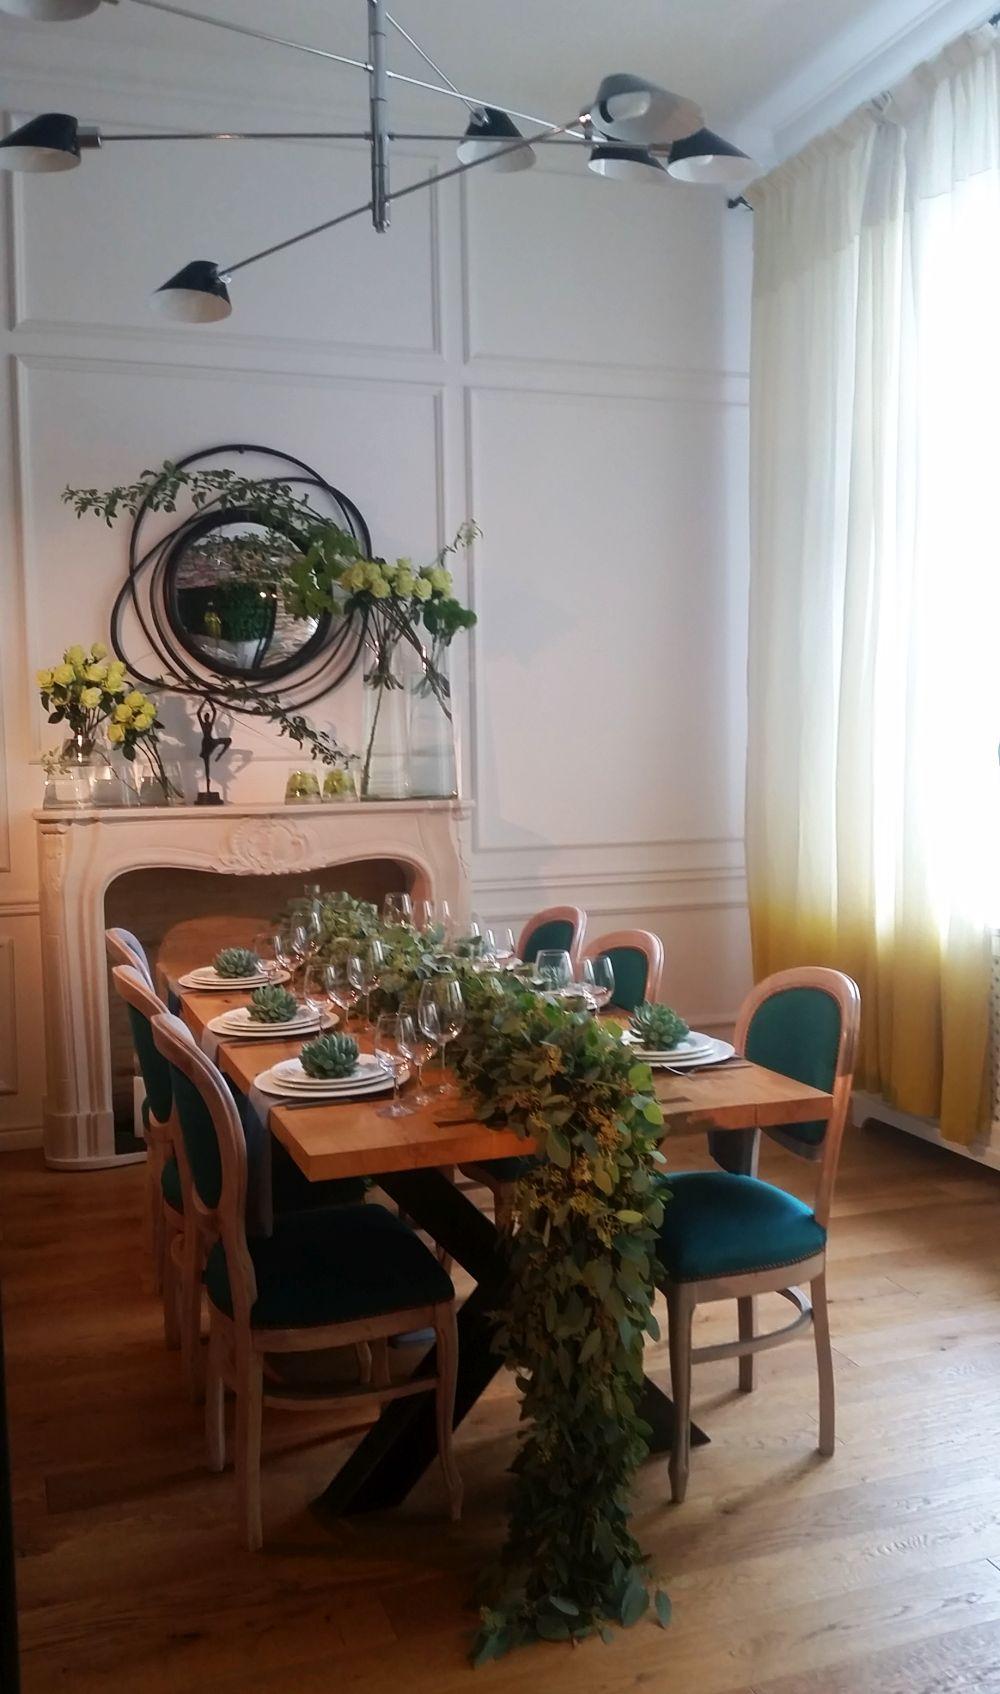 adelaparvu-com-despre-the-wedding-gallery-2016-floraria-iris-design-nicu-bocancea-55